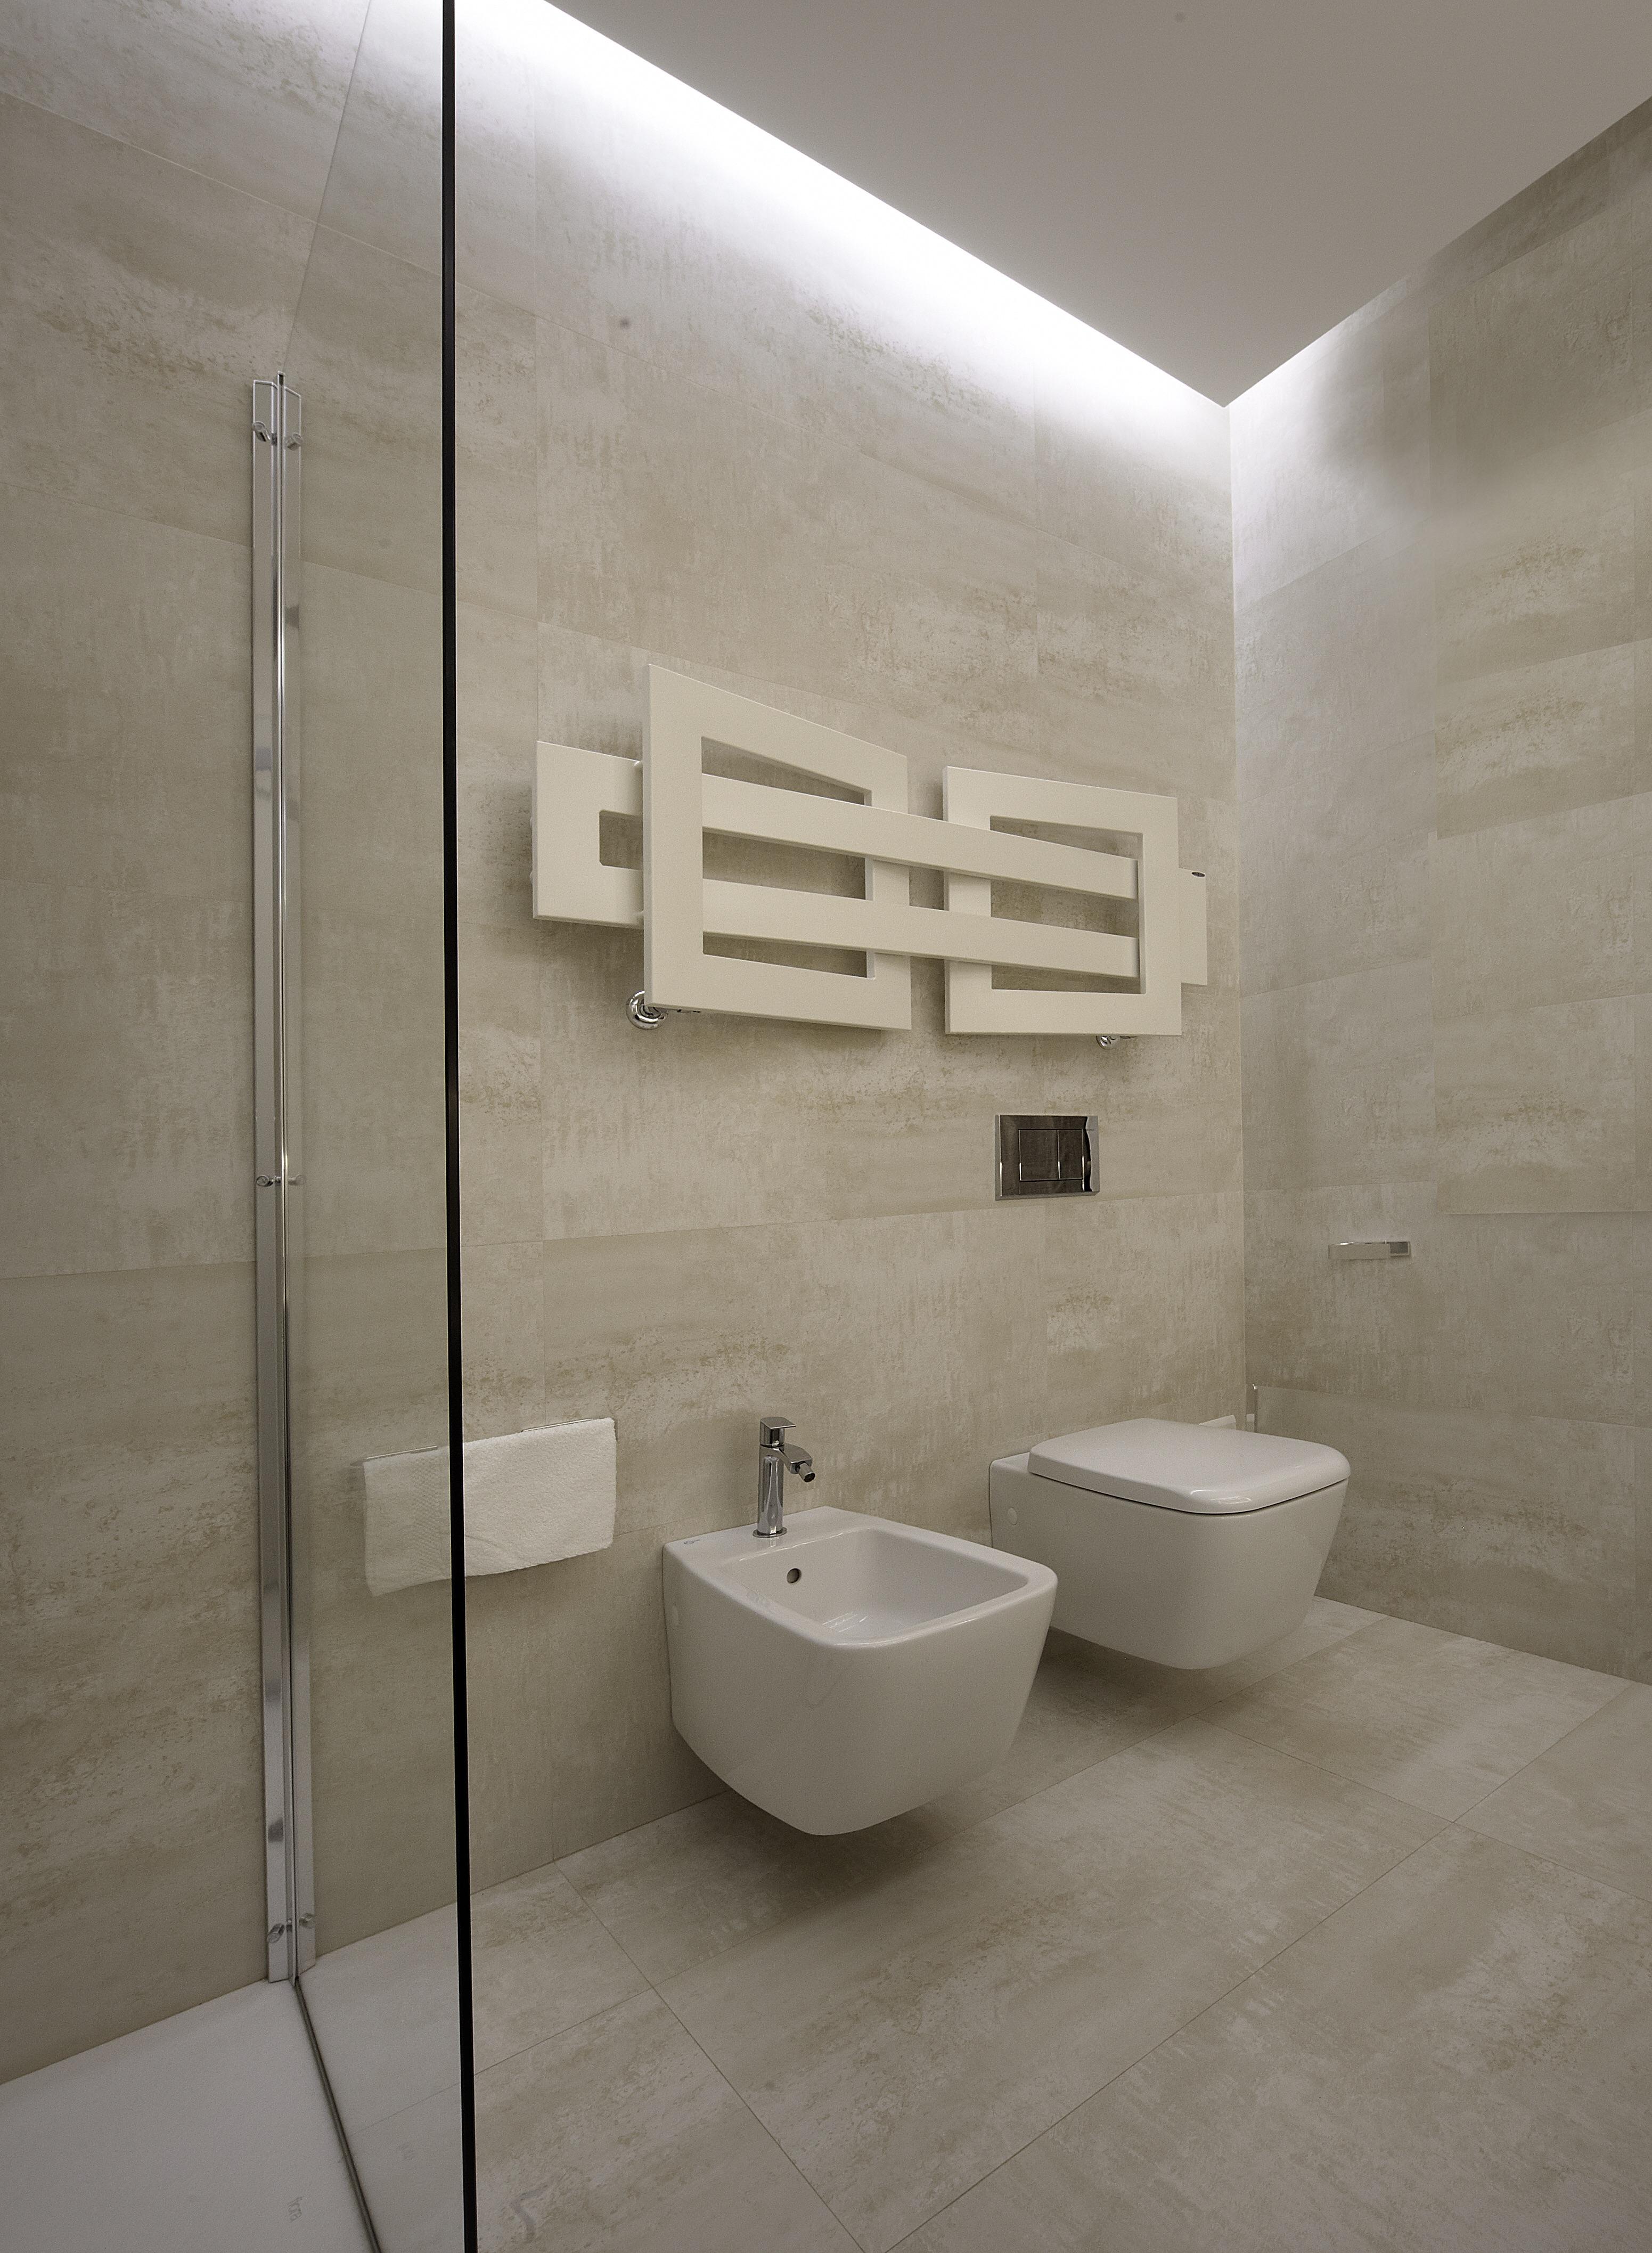 Termoarredo bagno design latest beautiful termoarredo bagno design moderno originale per - Termosifoni per bagno prezzi ...